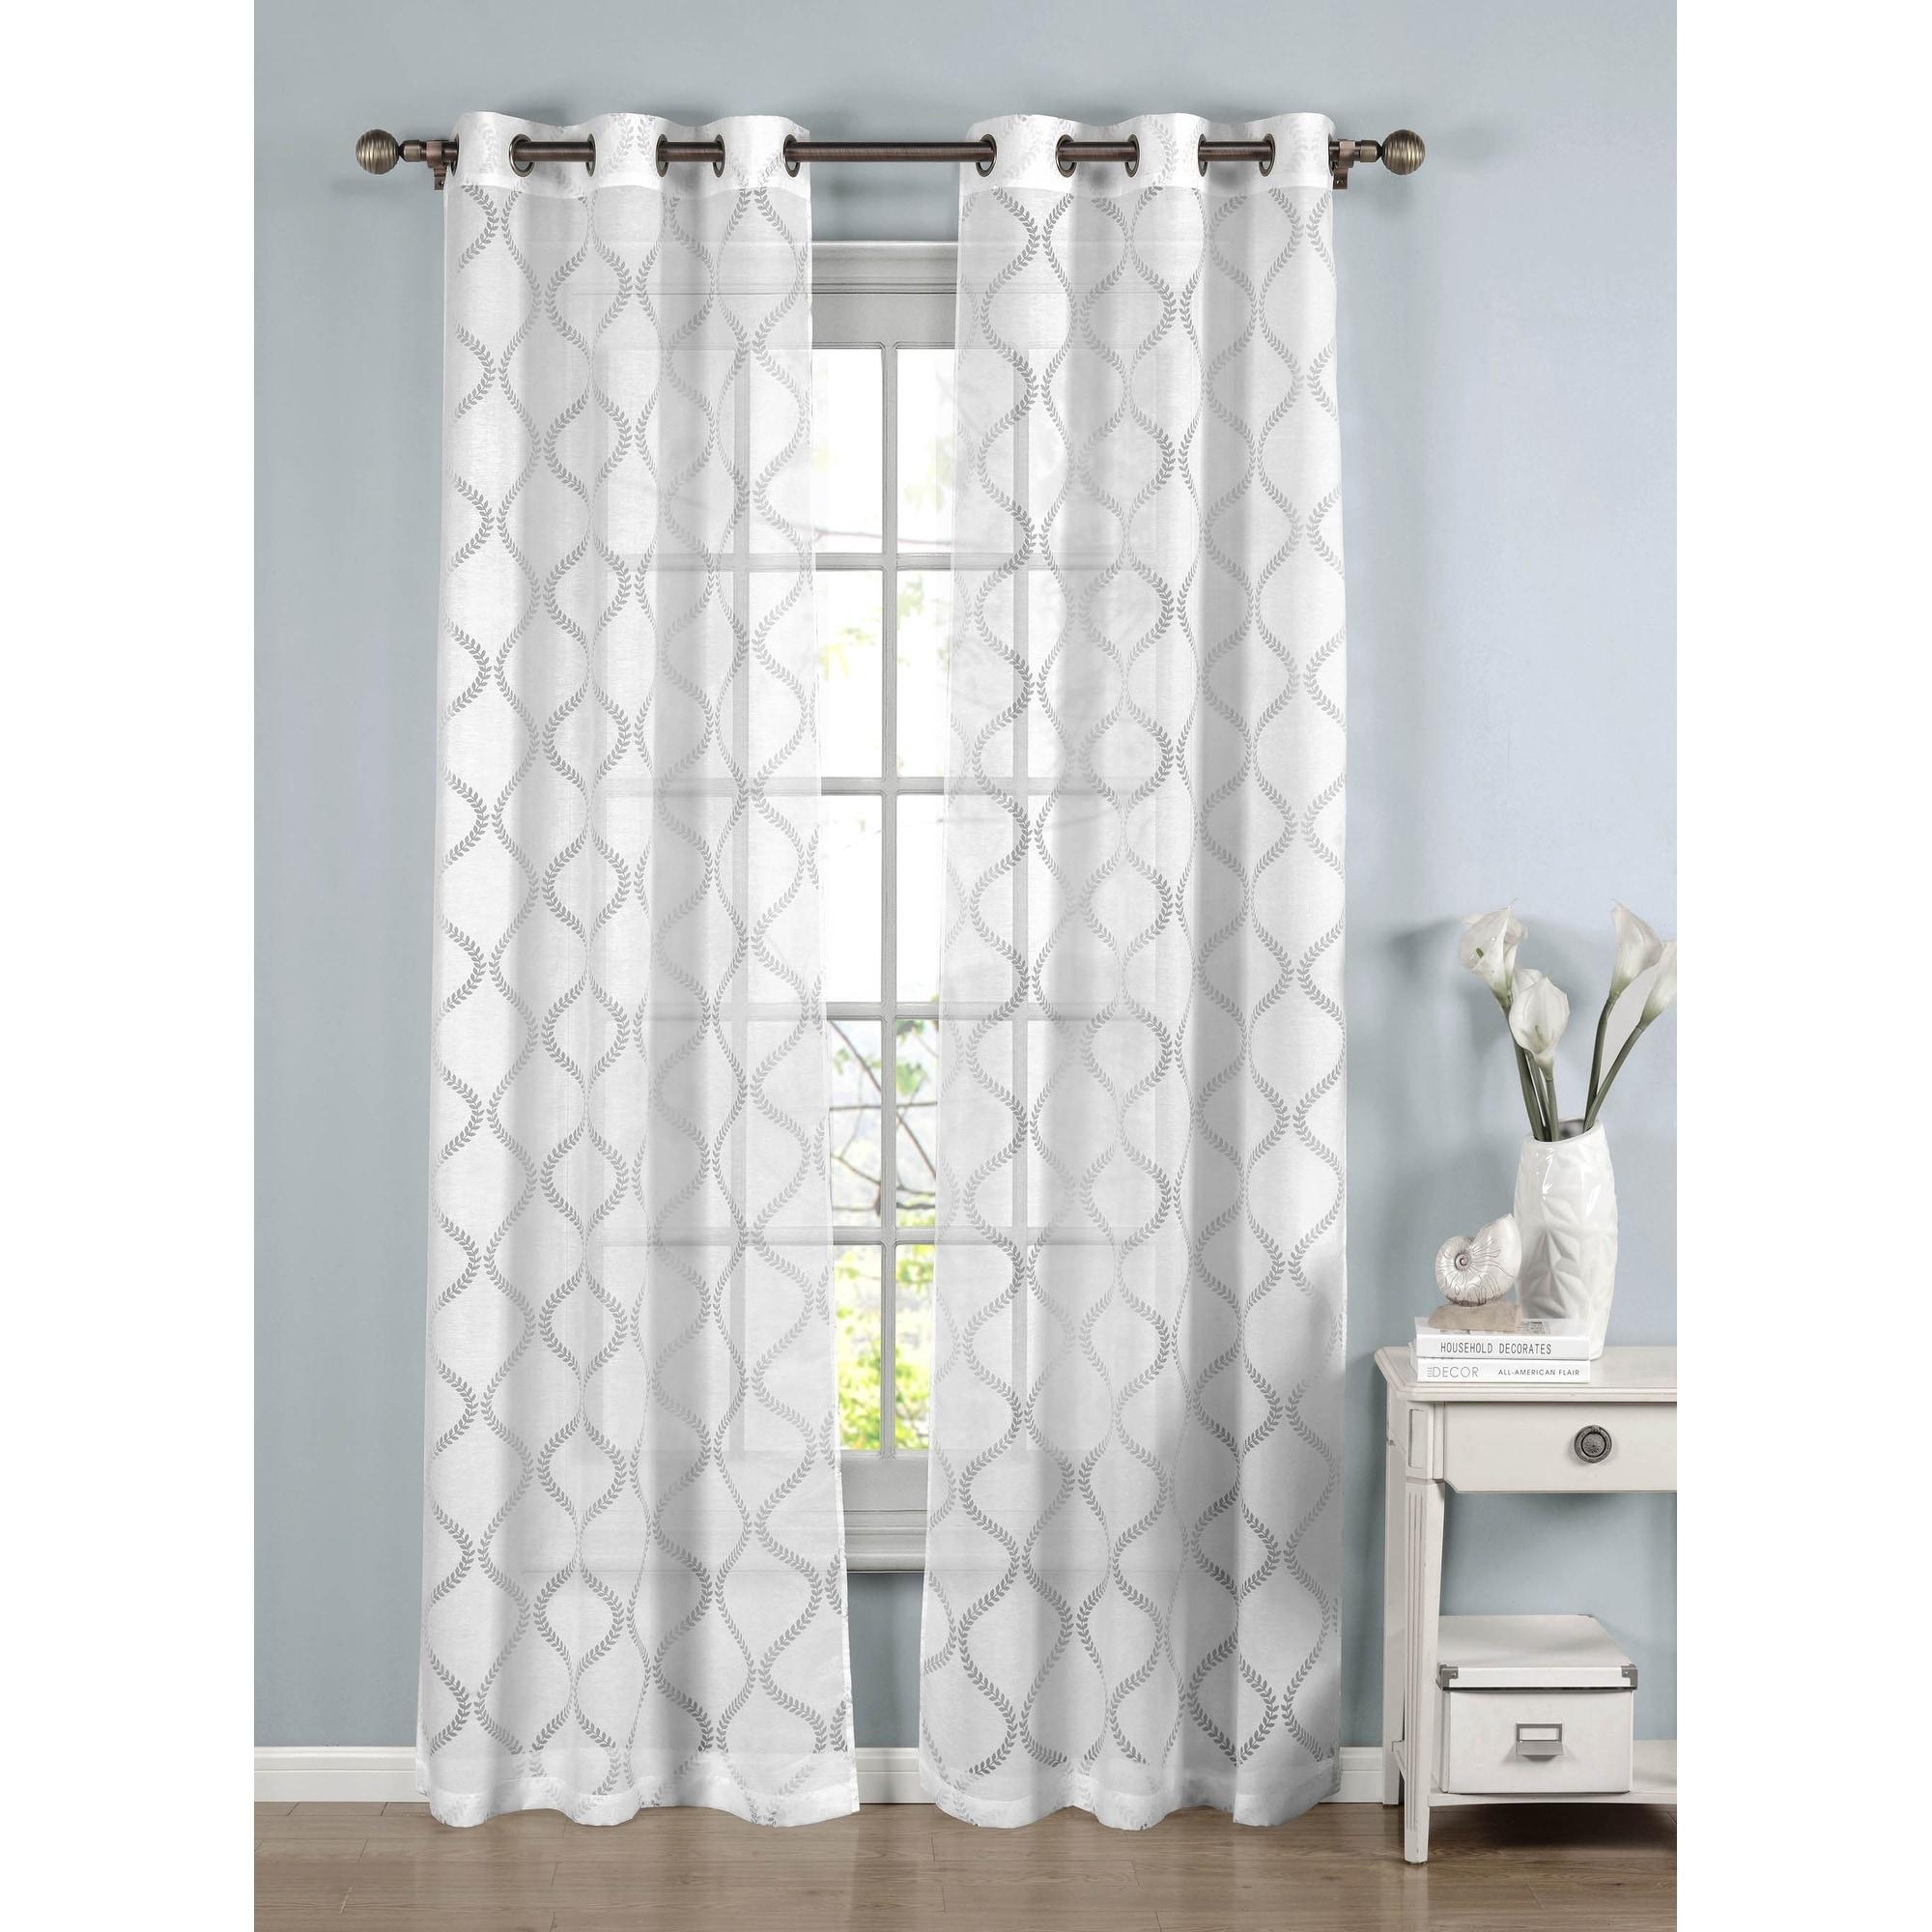 Window Elements Lisse Cotton Blend Burnout Sheer 96 Inch Grommet Curtain Panel Pair